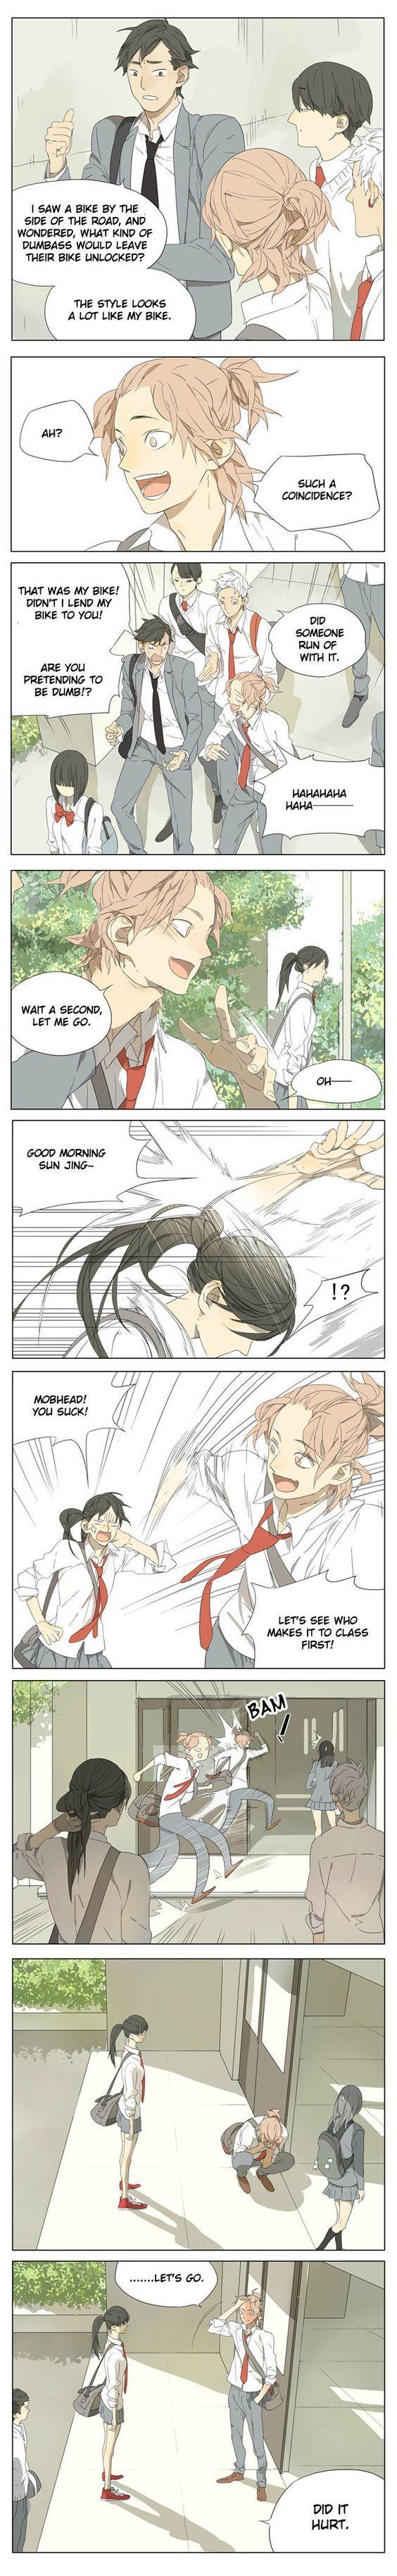 Tamen Di Gushi 67 http://mangafox.me/manga/tamen_de_gushi/c067/1.html